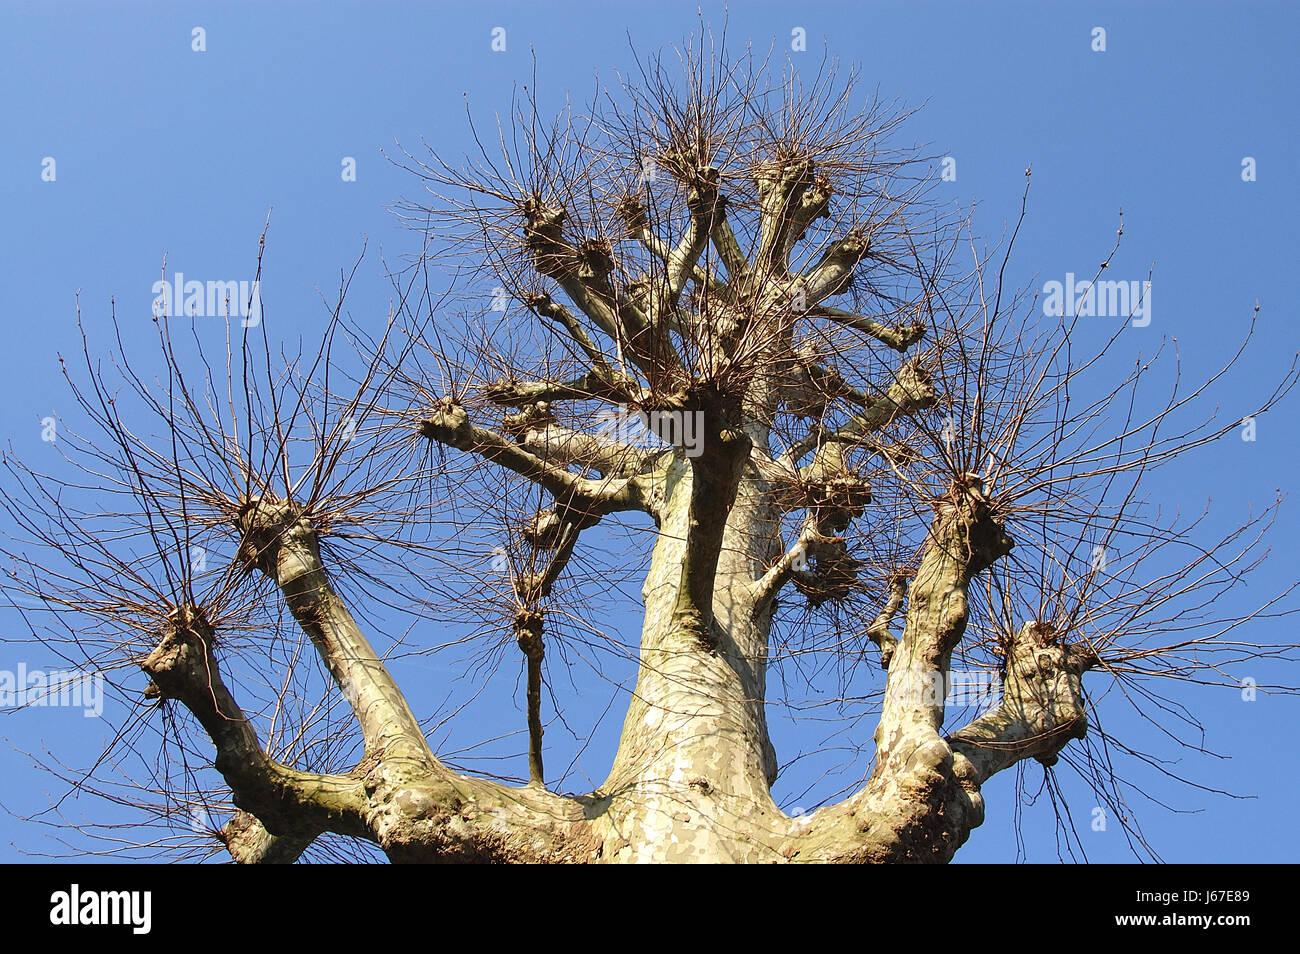 Baum Durchsuchen Schneiden Kopf Aus Einem Baum Baumschlagen Weide